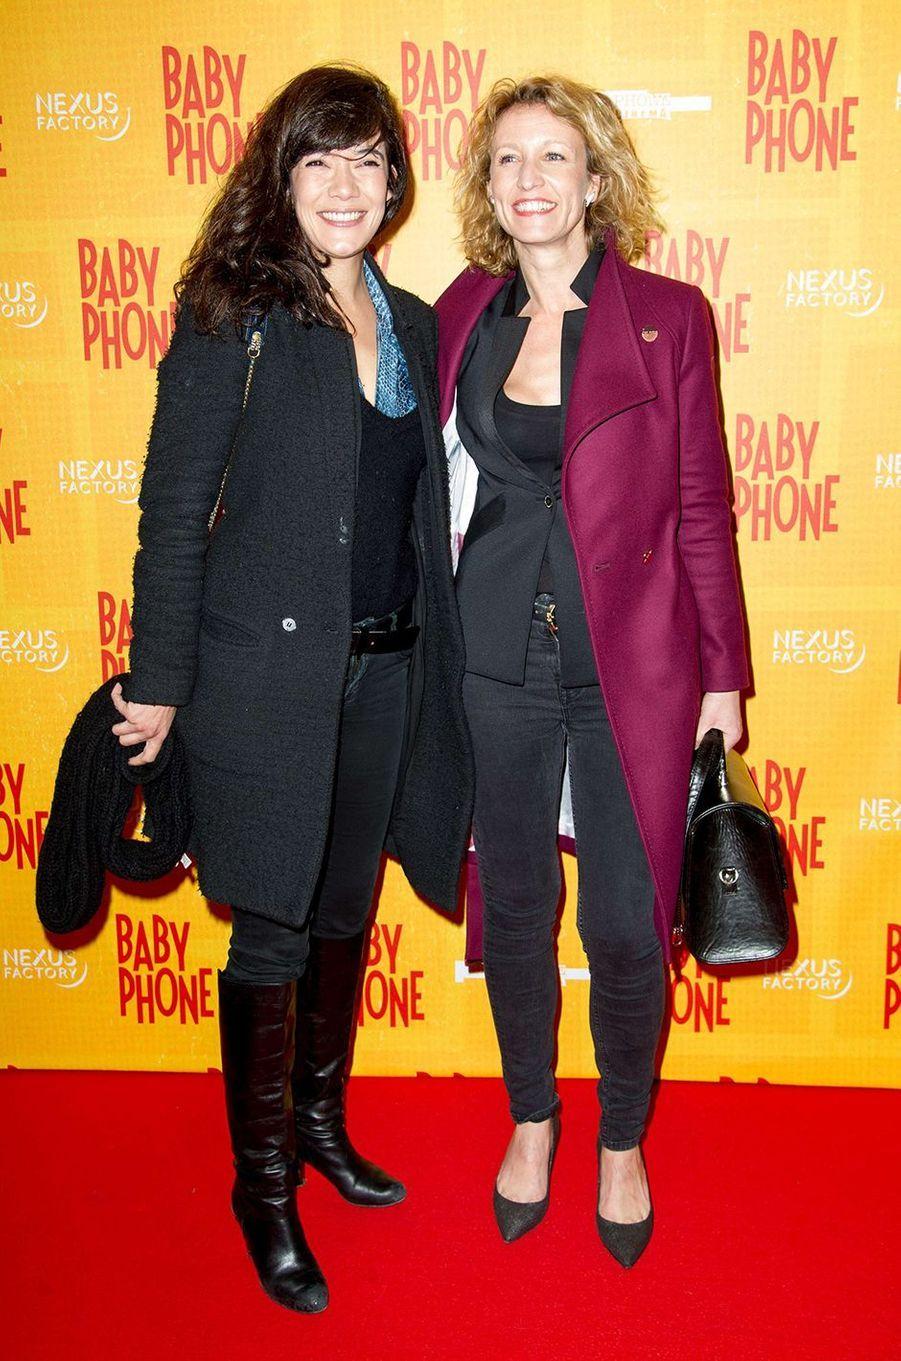 Mélanie Doutey et Alexandra Lamy : les meilleures amies. Près de vingt ans d'amitié les lient. Après avoir travaillé ensemble pour la première fois en 2006 dans «On va s'aimer», elles se sont retrouvées dans «Les Infidèles» (2012) et dans «Jamais le premier soir» (2014). En-dehors des plateaux de tournage, elles sont inséparables.